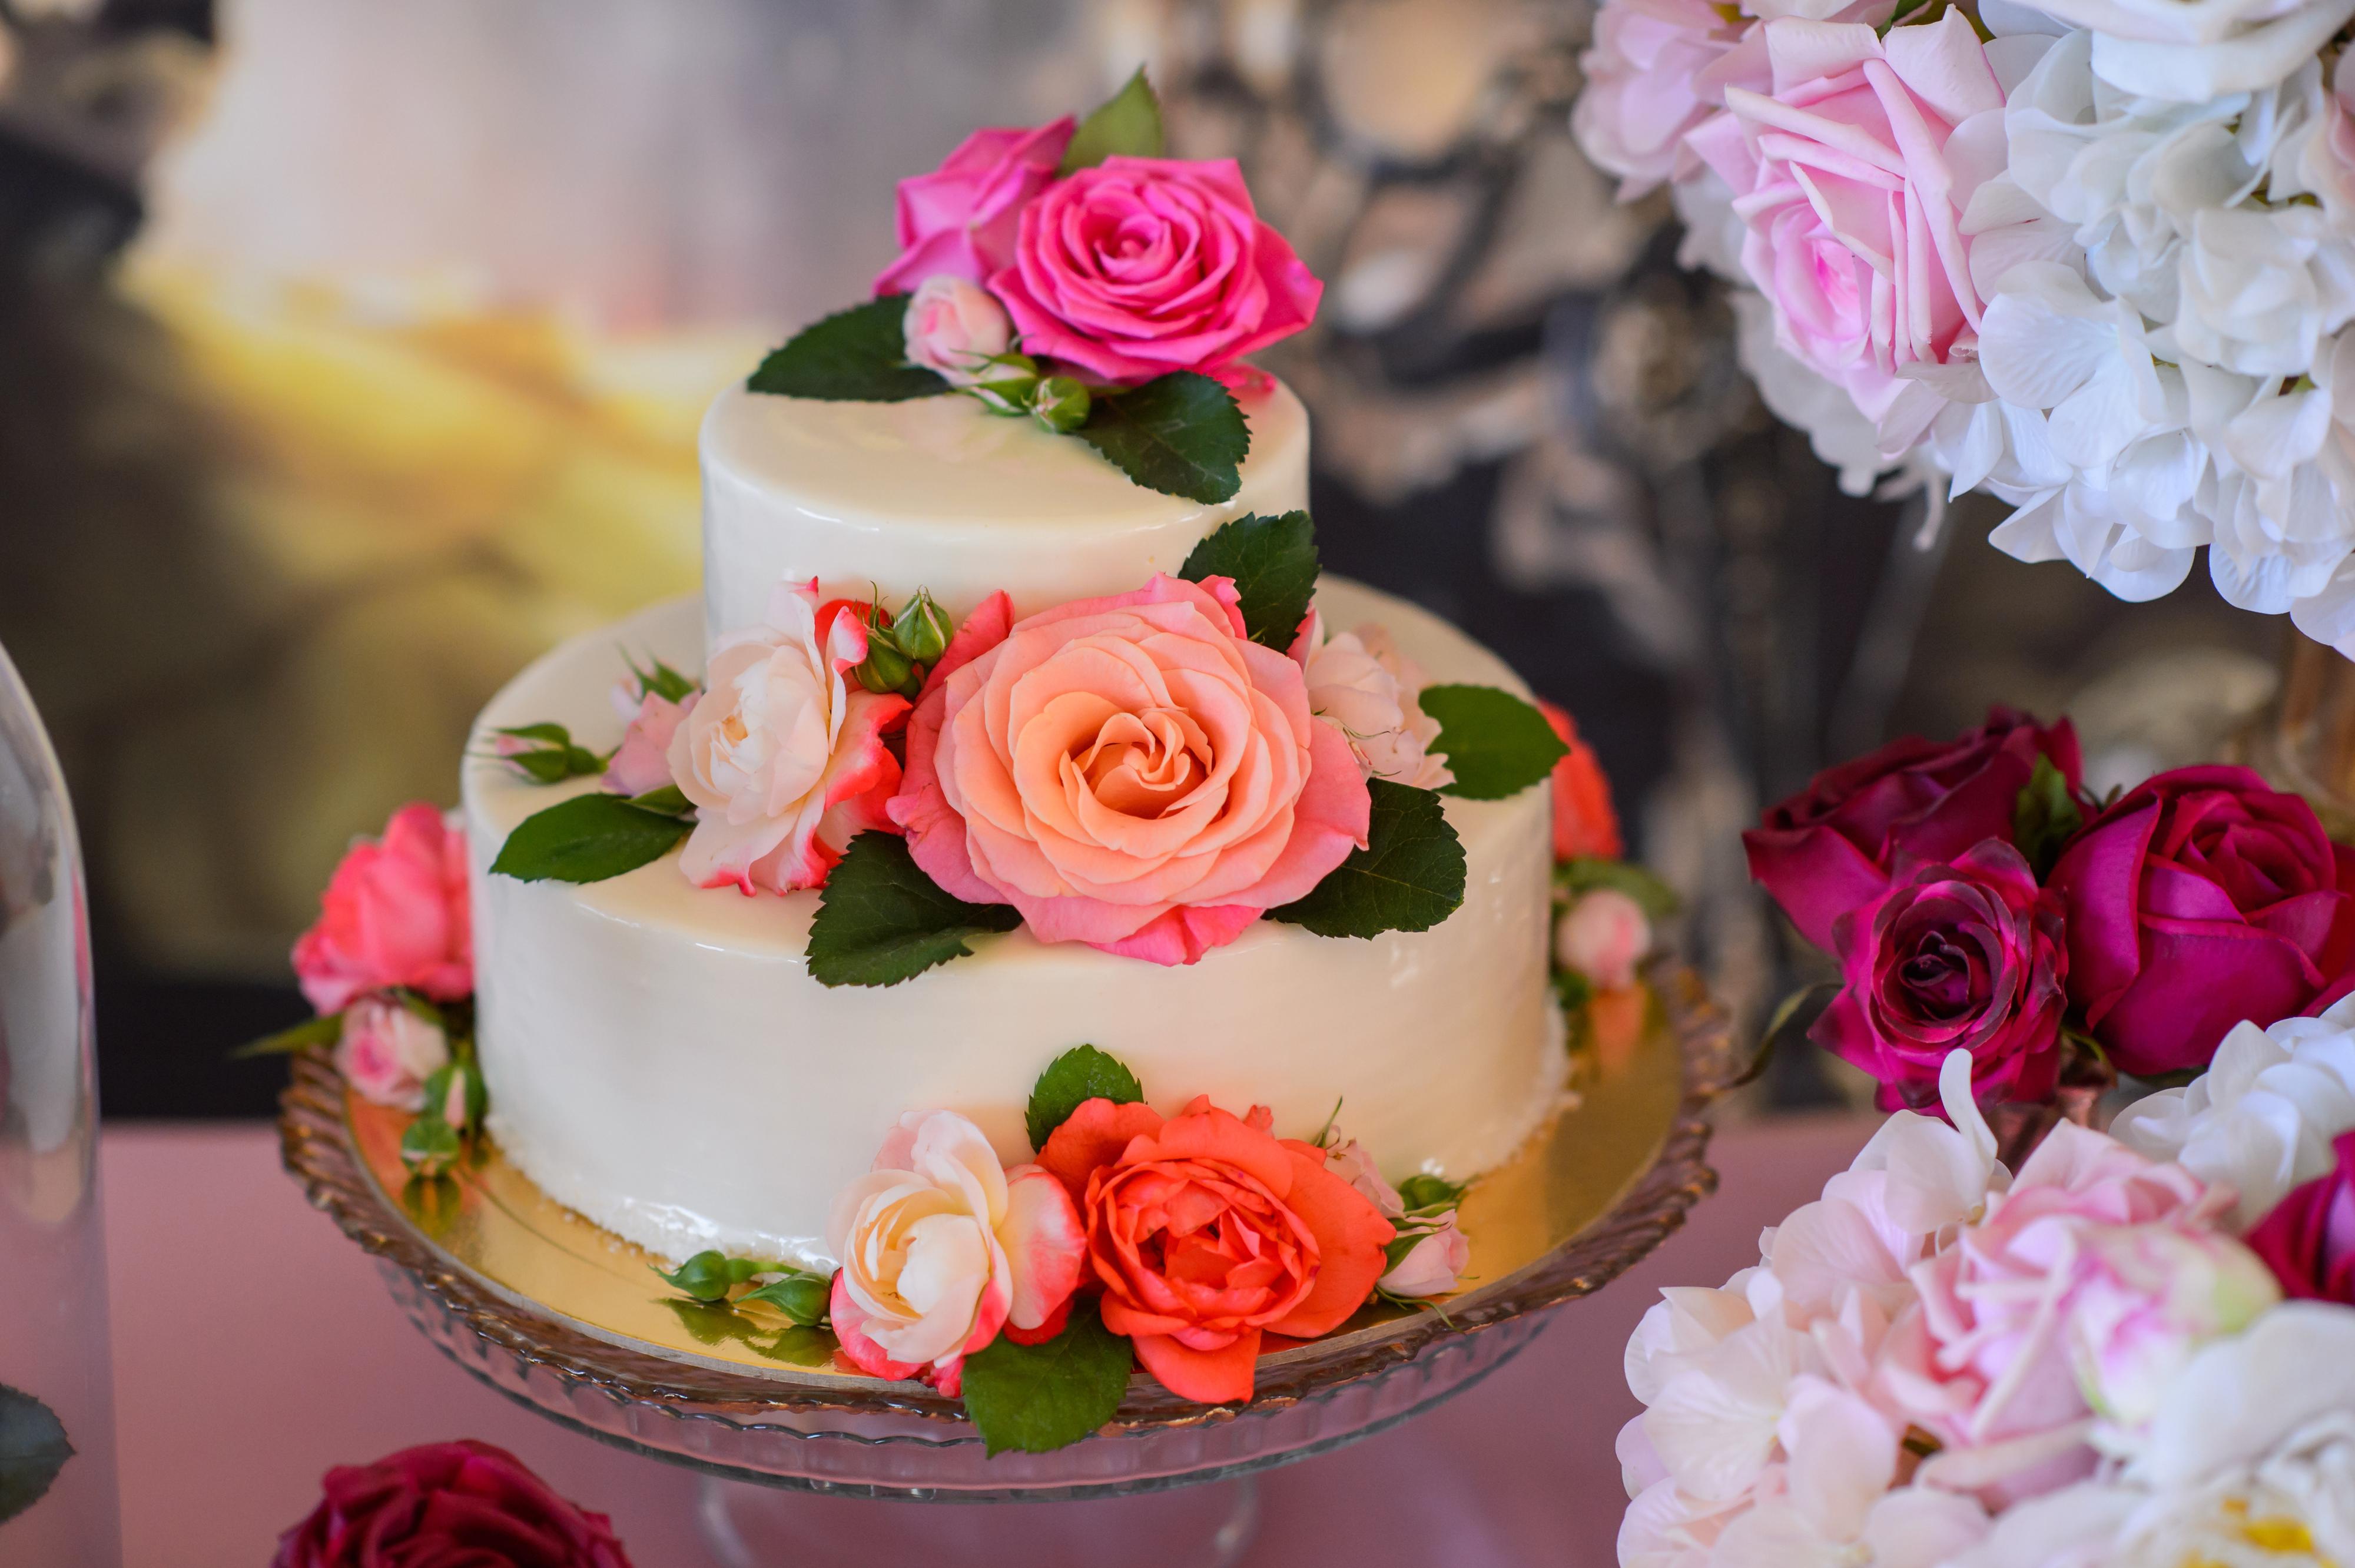 Картинки торт с цветами, поздравления днем рождения